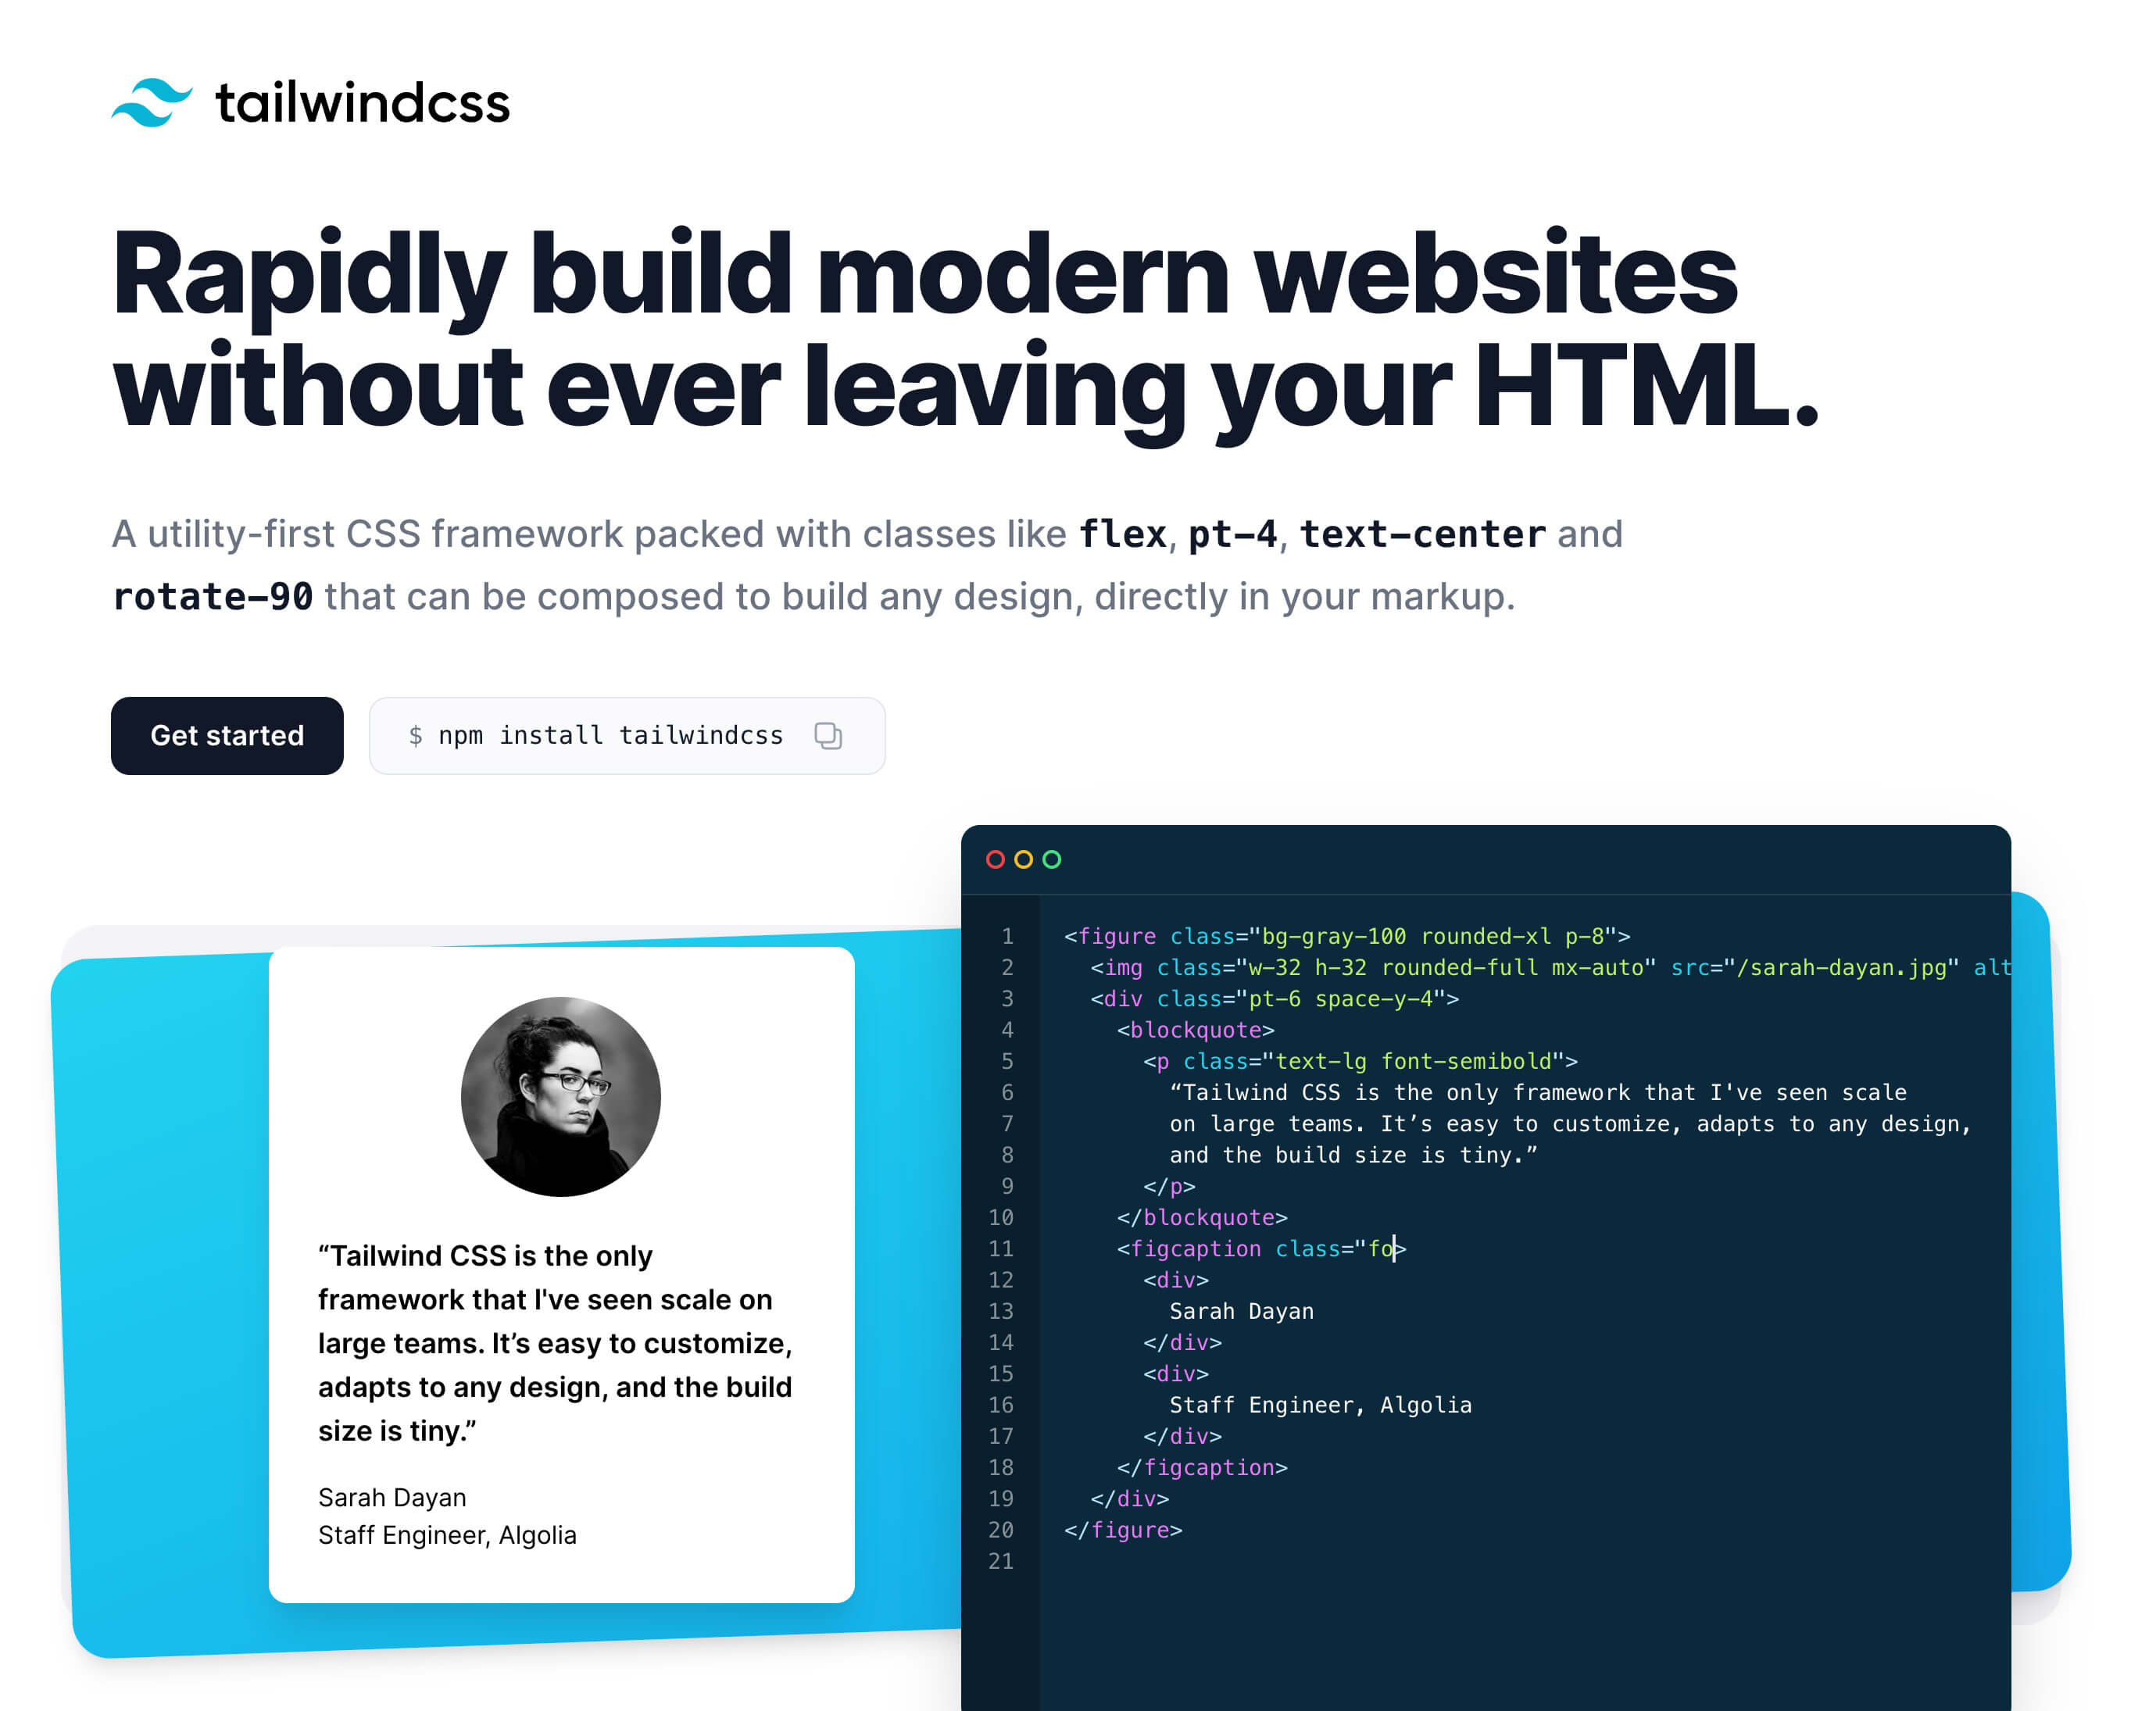 tailwindcss-website.jpg